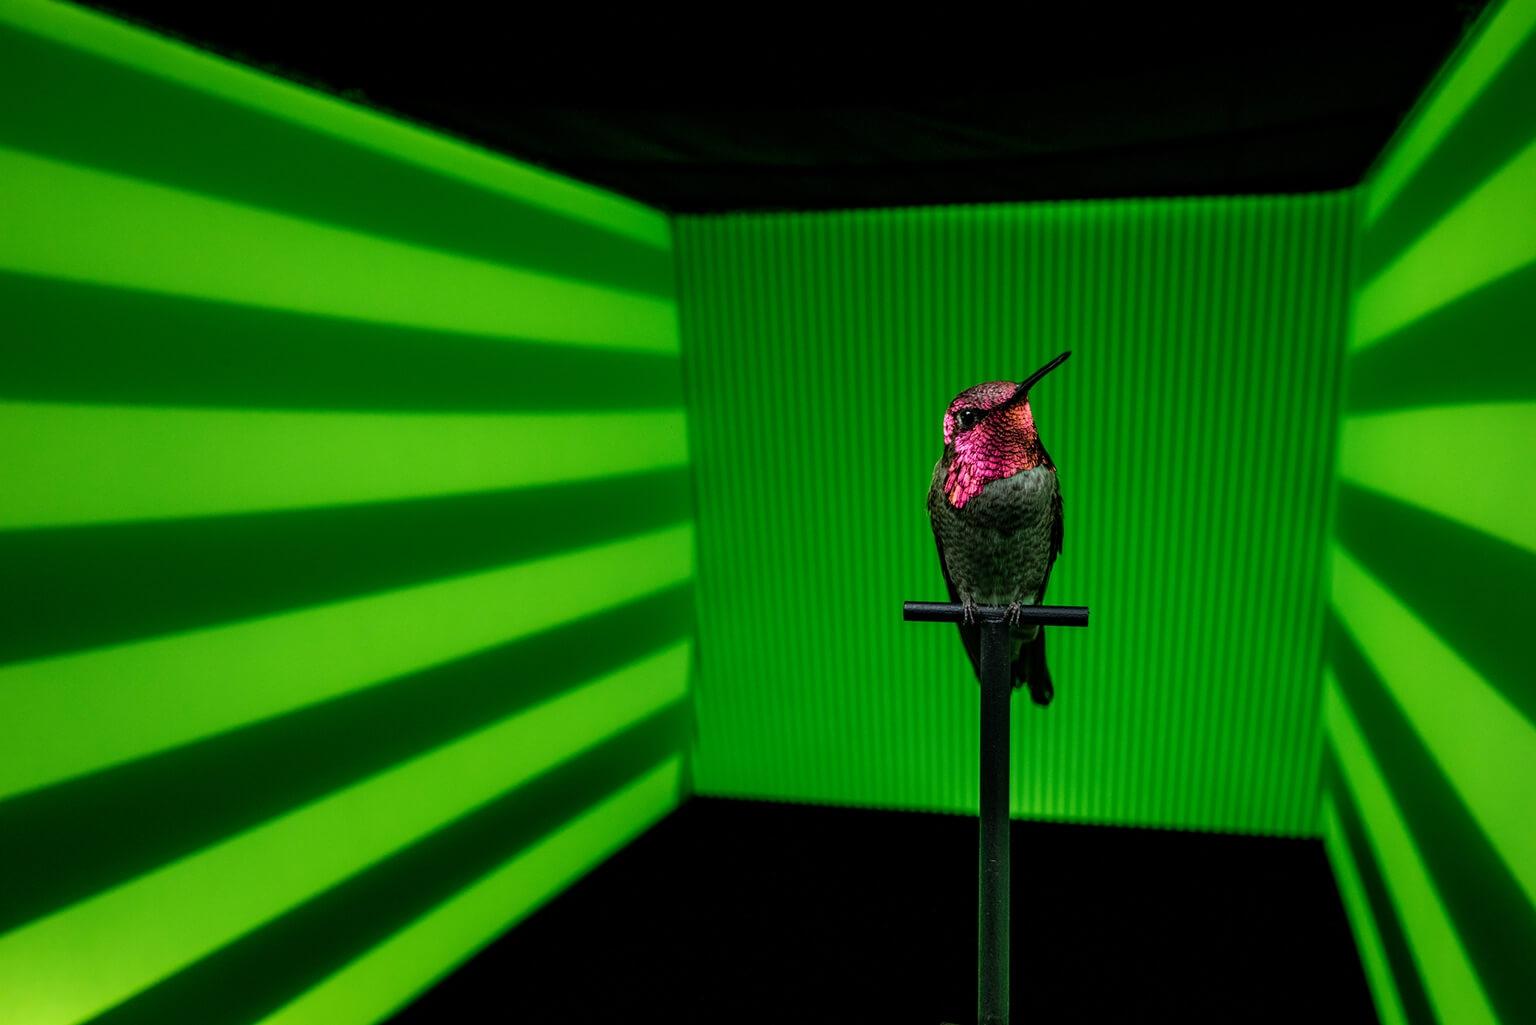 為了更加了解蜂鳥如何處理眼前變化的景象,溫哥華不列顛哥倫比亞大學的研究人員讓這隻朱紅蜂鳥在投影了不同圖案與顏色的通道中飛行,以追蹤蜂鳥的飛行軌跡與速度。一般認為,鳥類會留意眼前物體(像是圖中的橫紋)的高度以防在空中撞上。 SOURCES: ROSLYN DAKIN AND DOUG ALTSHULER  攝影:亞南德.瓦瑪 Anand Varma